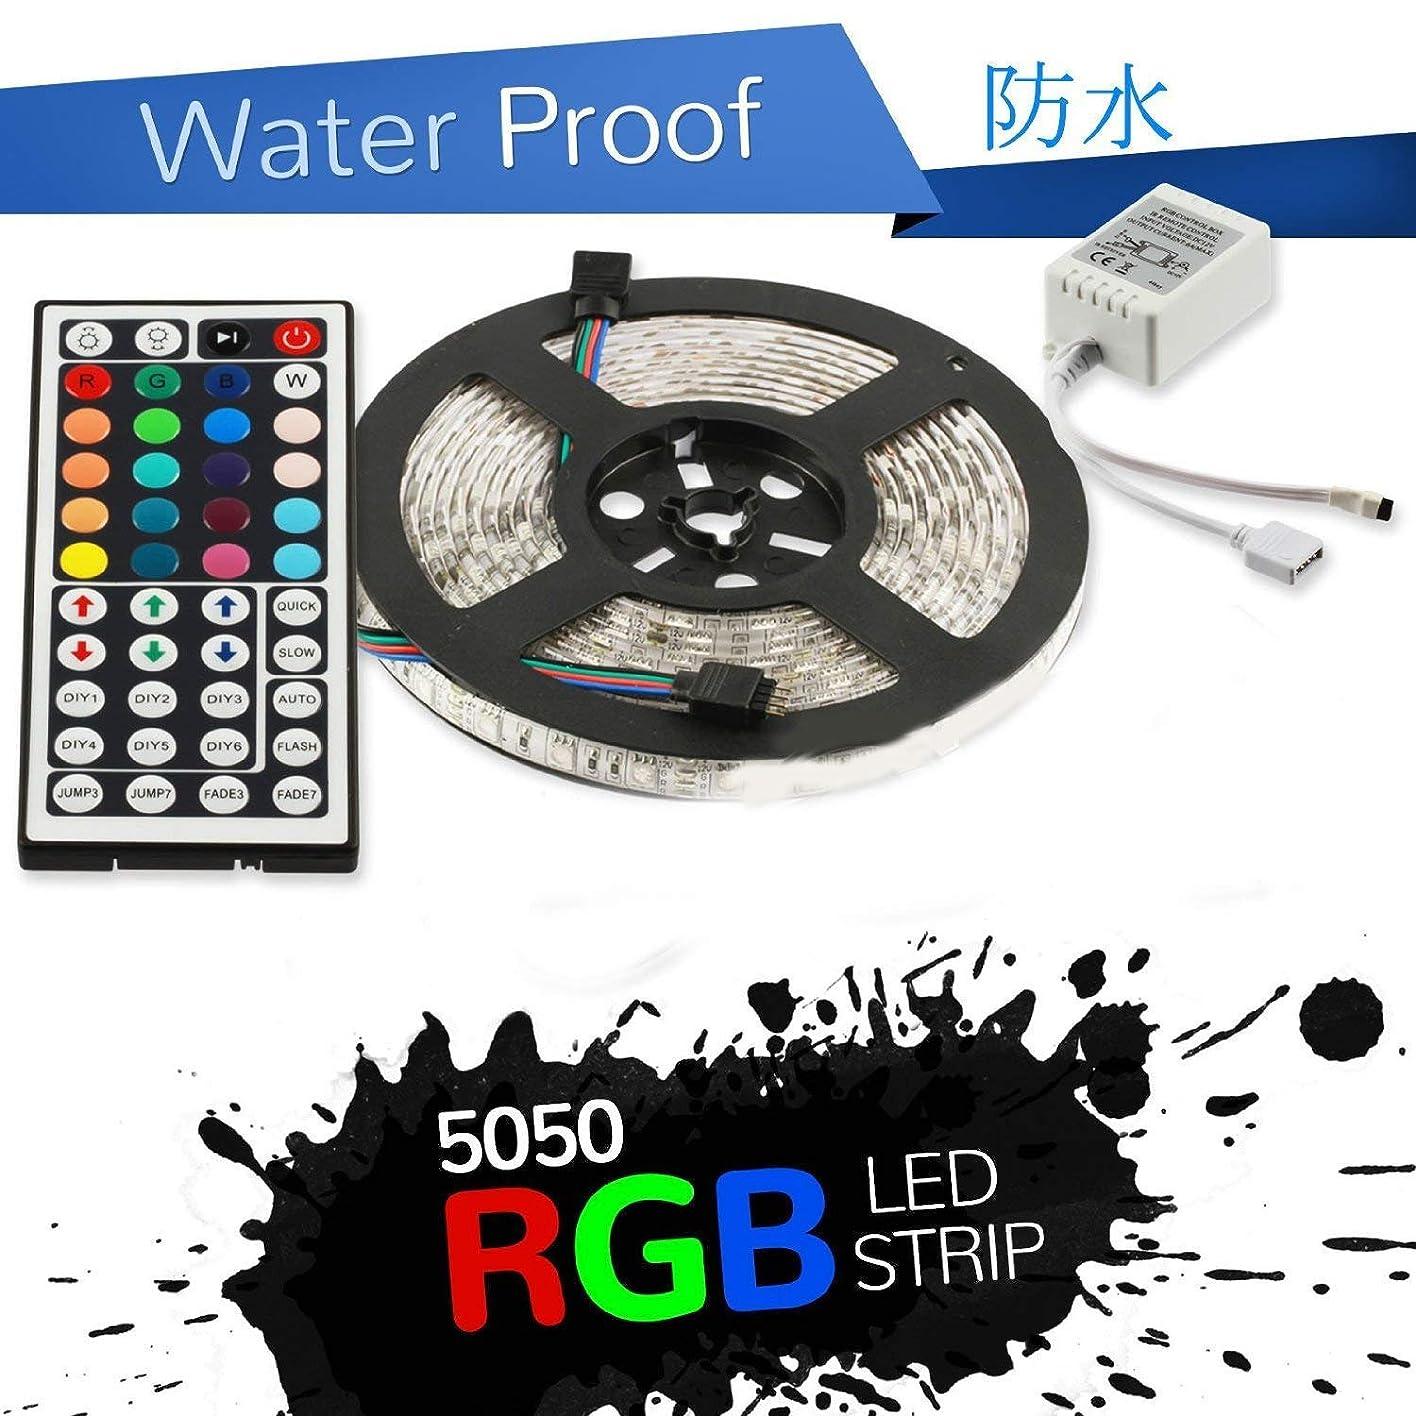 トマトフィクション相対サイズDC12V LEDテープライト フルカラーRGB 防水 5M SMD5050 300連 黒ベース 切断可能 リモコン付